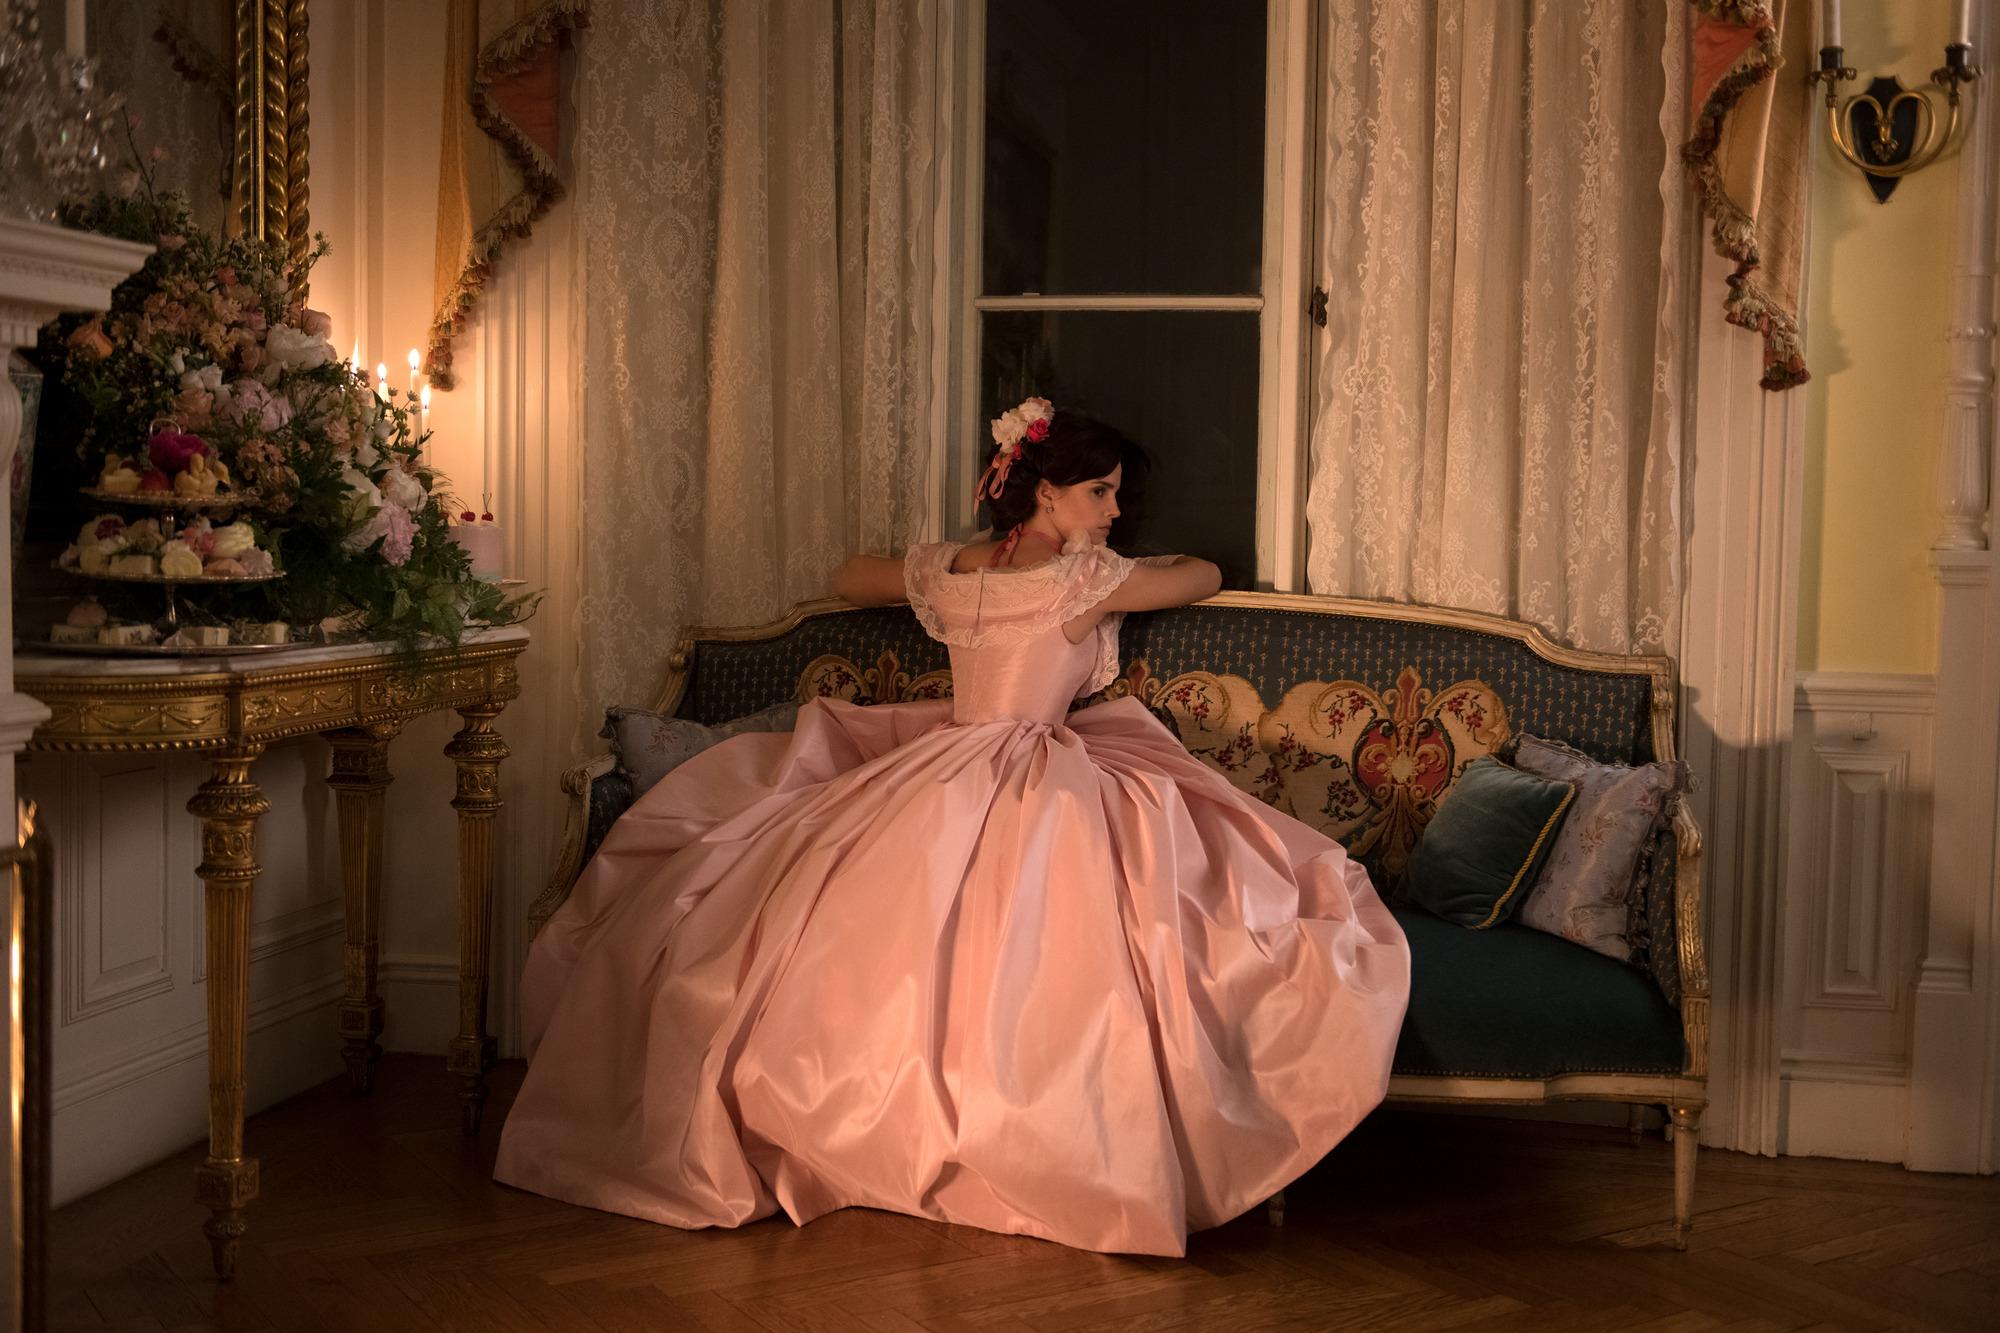 優雅美麗的大姊瑪格雖懷抱著星夢,卻渴望婚姻選擇走入家庭